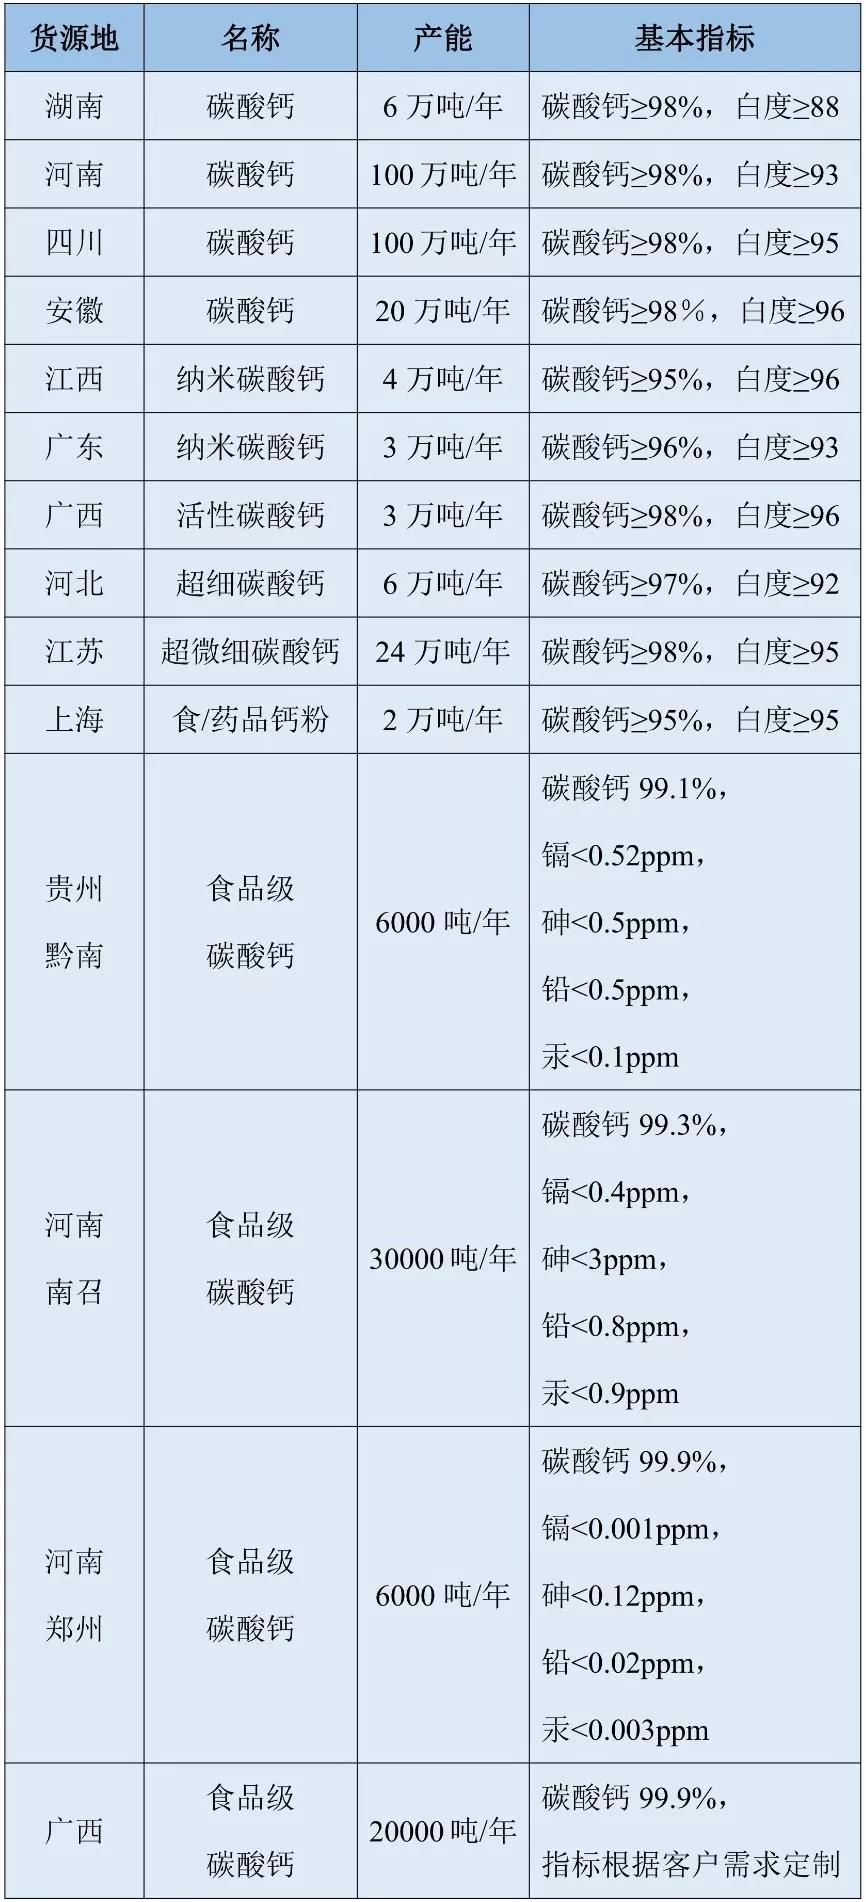 供应汇 纳米钙 活性钙 超细钙 食品钙